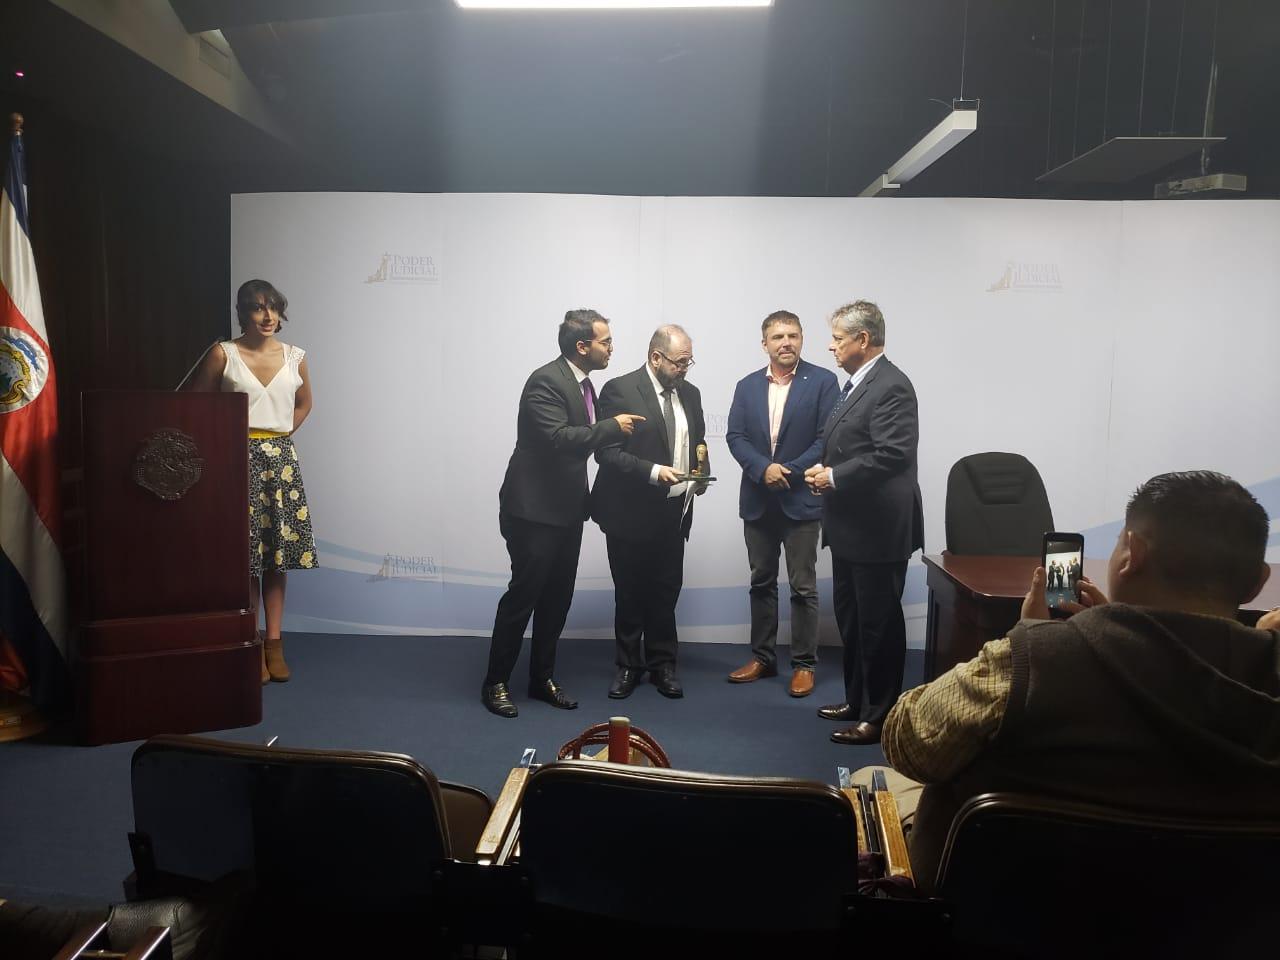 Homenaje Jaime Robleto Fundacion Igualitos3.Jpeg